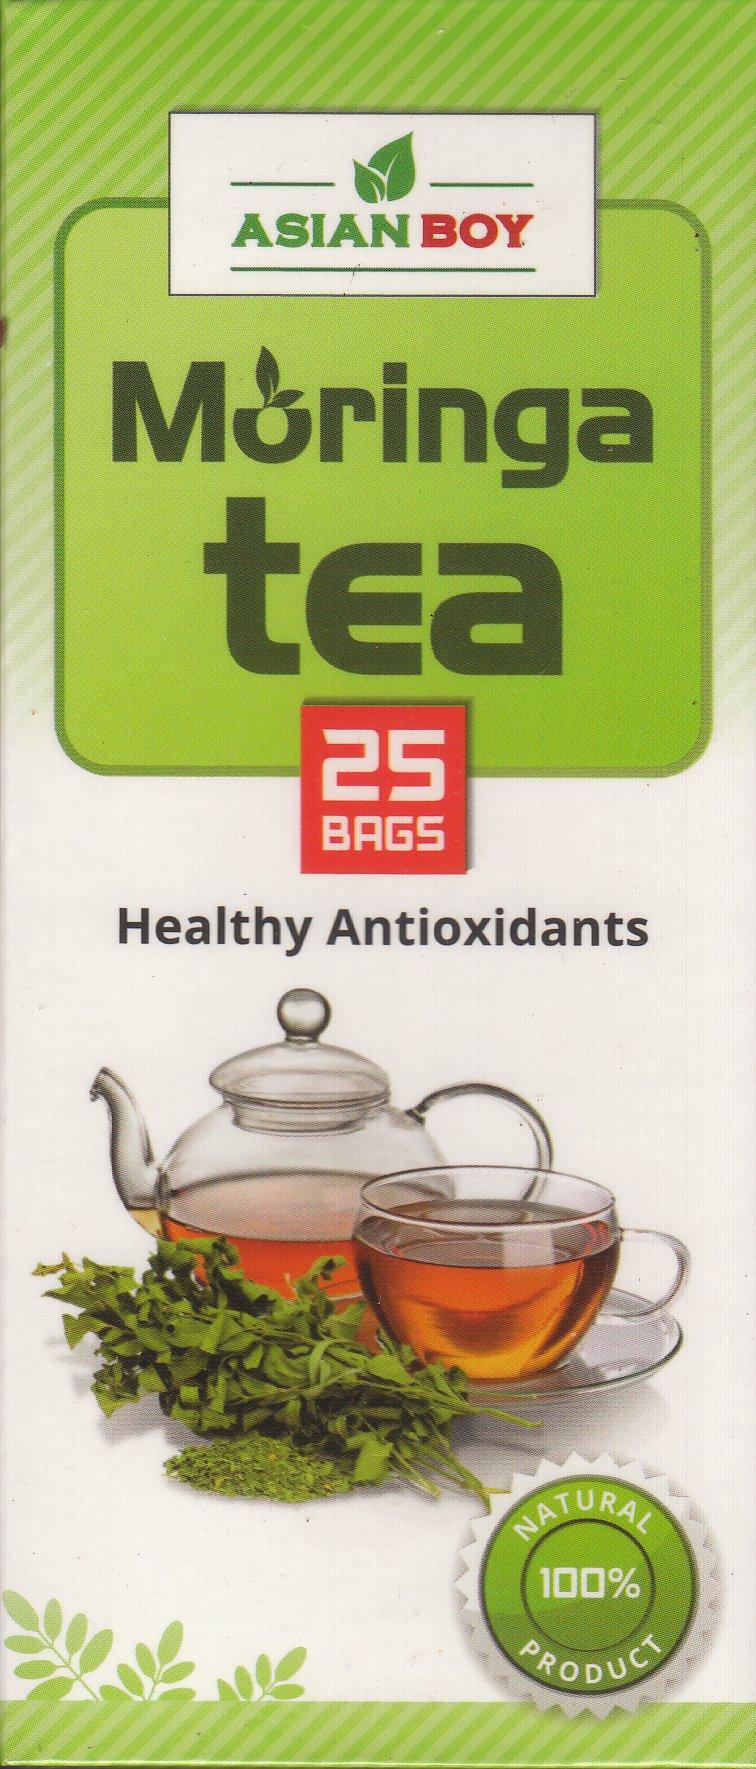 Asian Boy Healthy Antioxidants Tea - 25 Bags (Moringa )